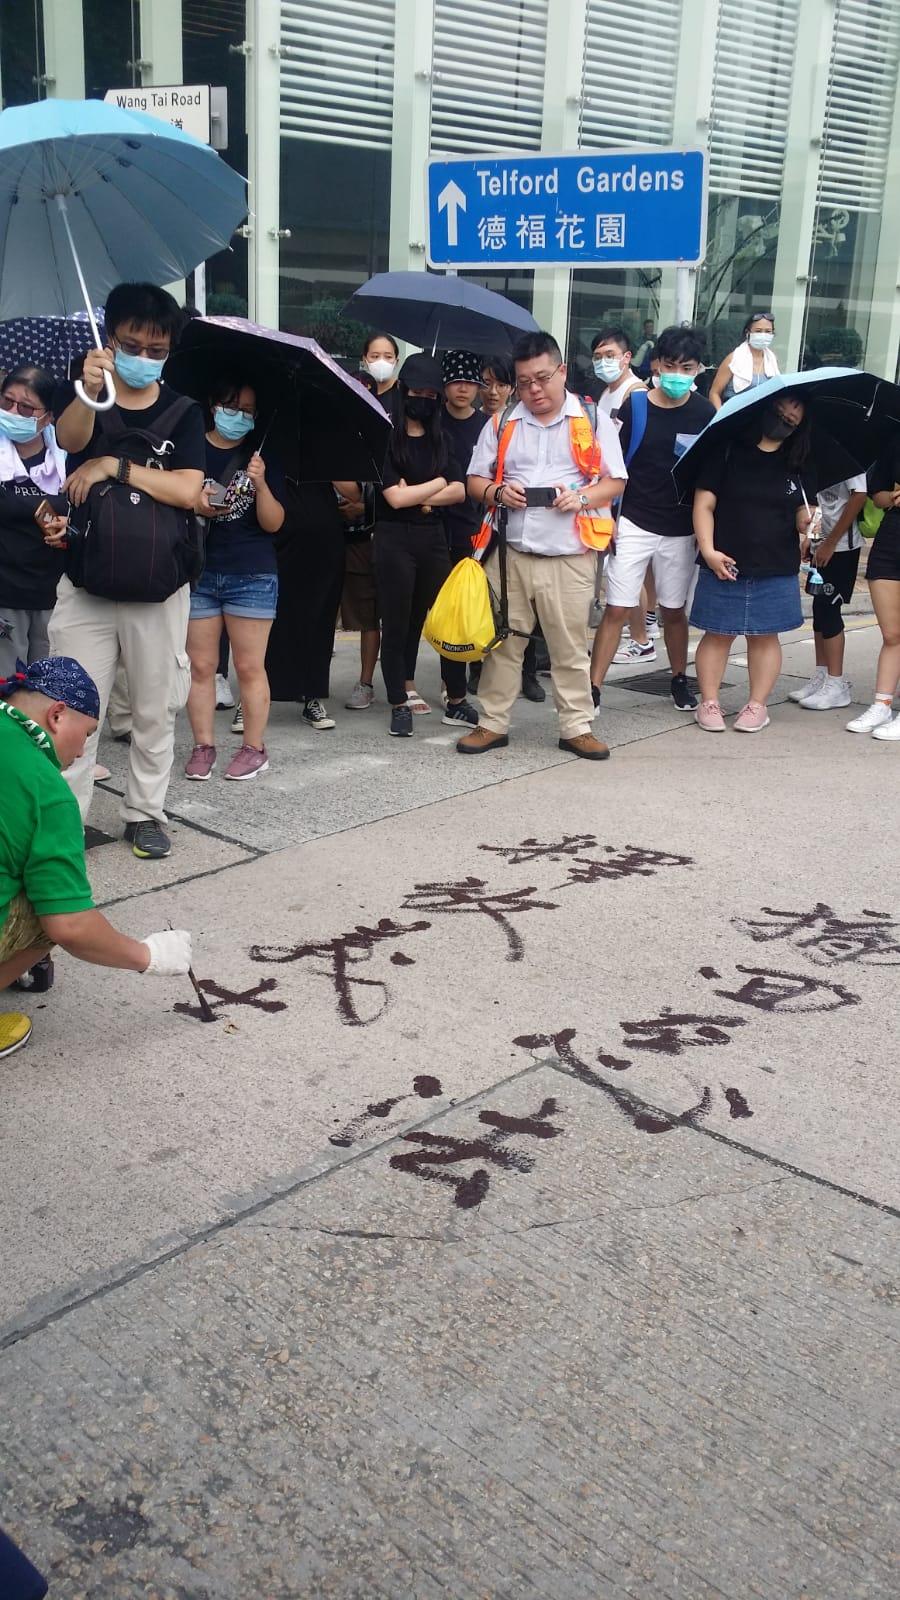 有遊行人士在地上寫下口號。